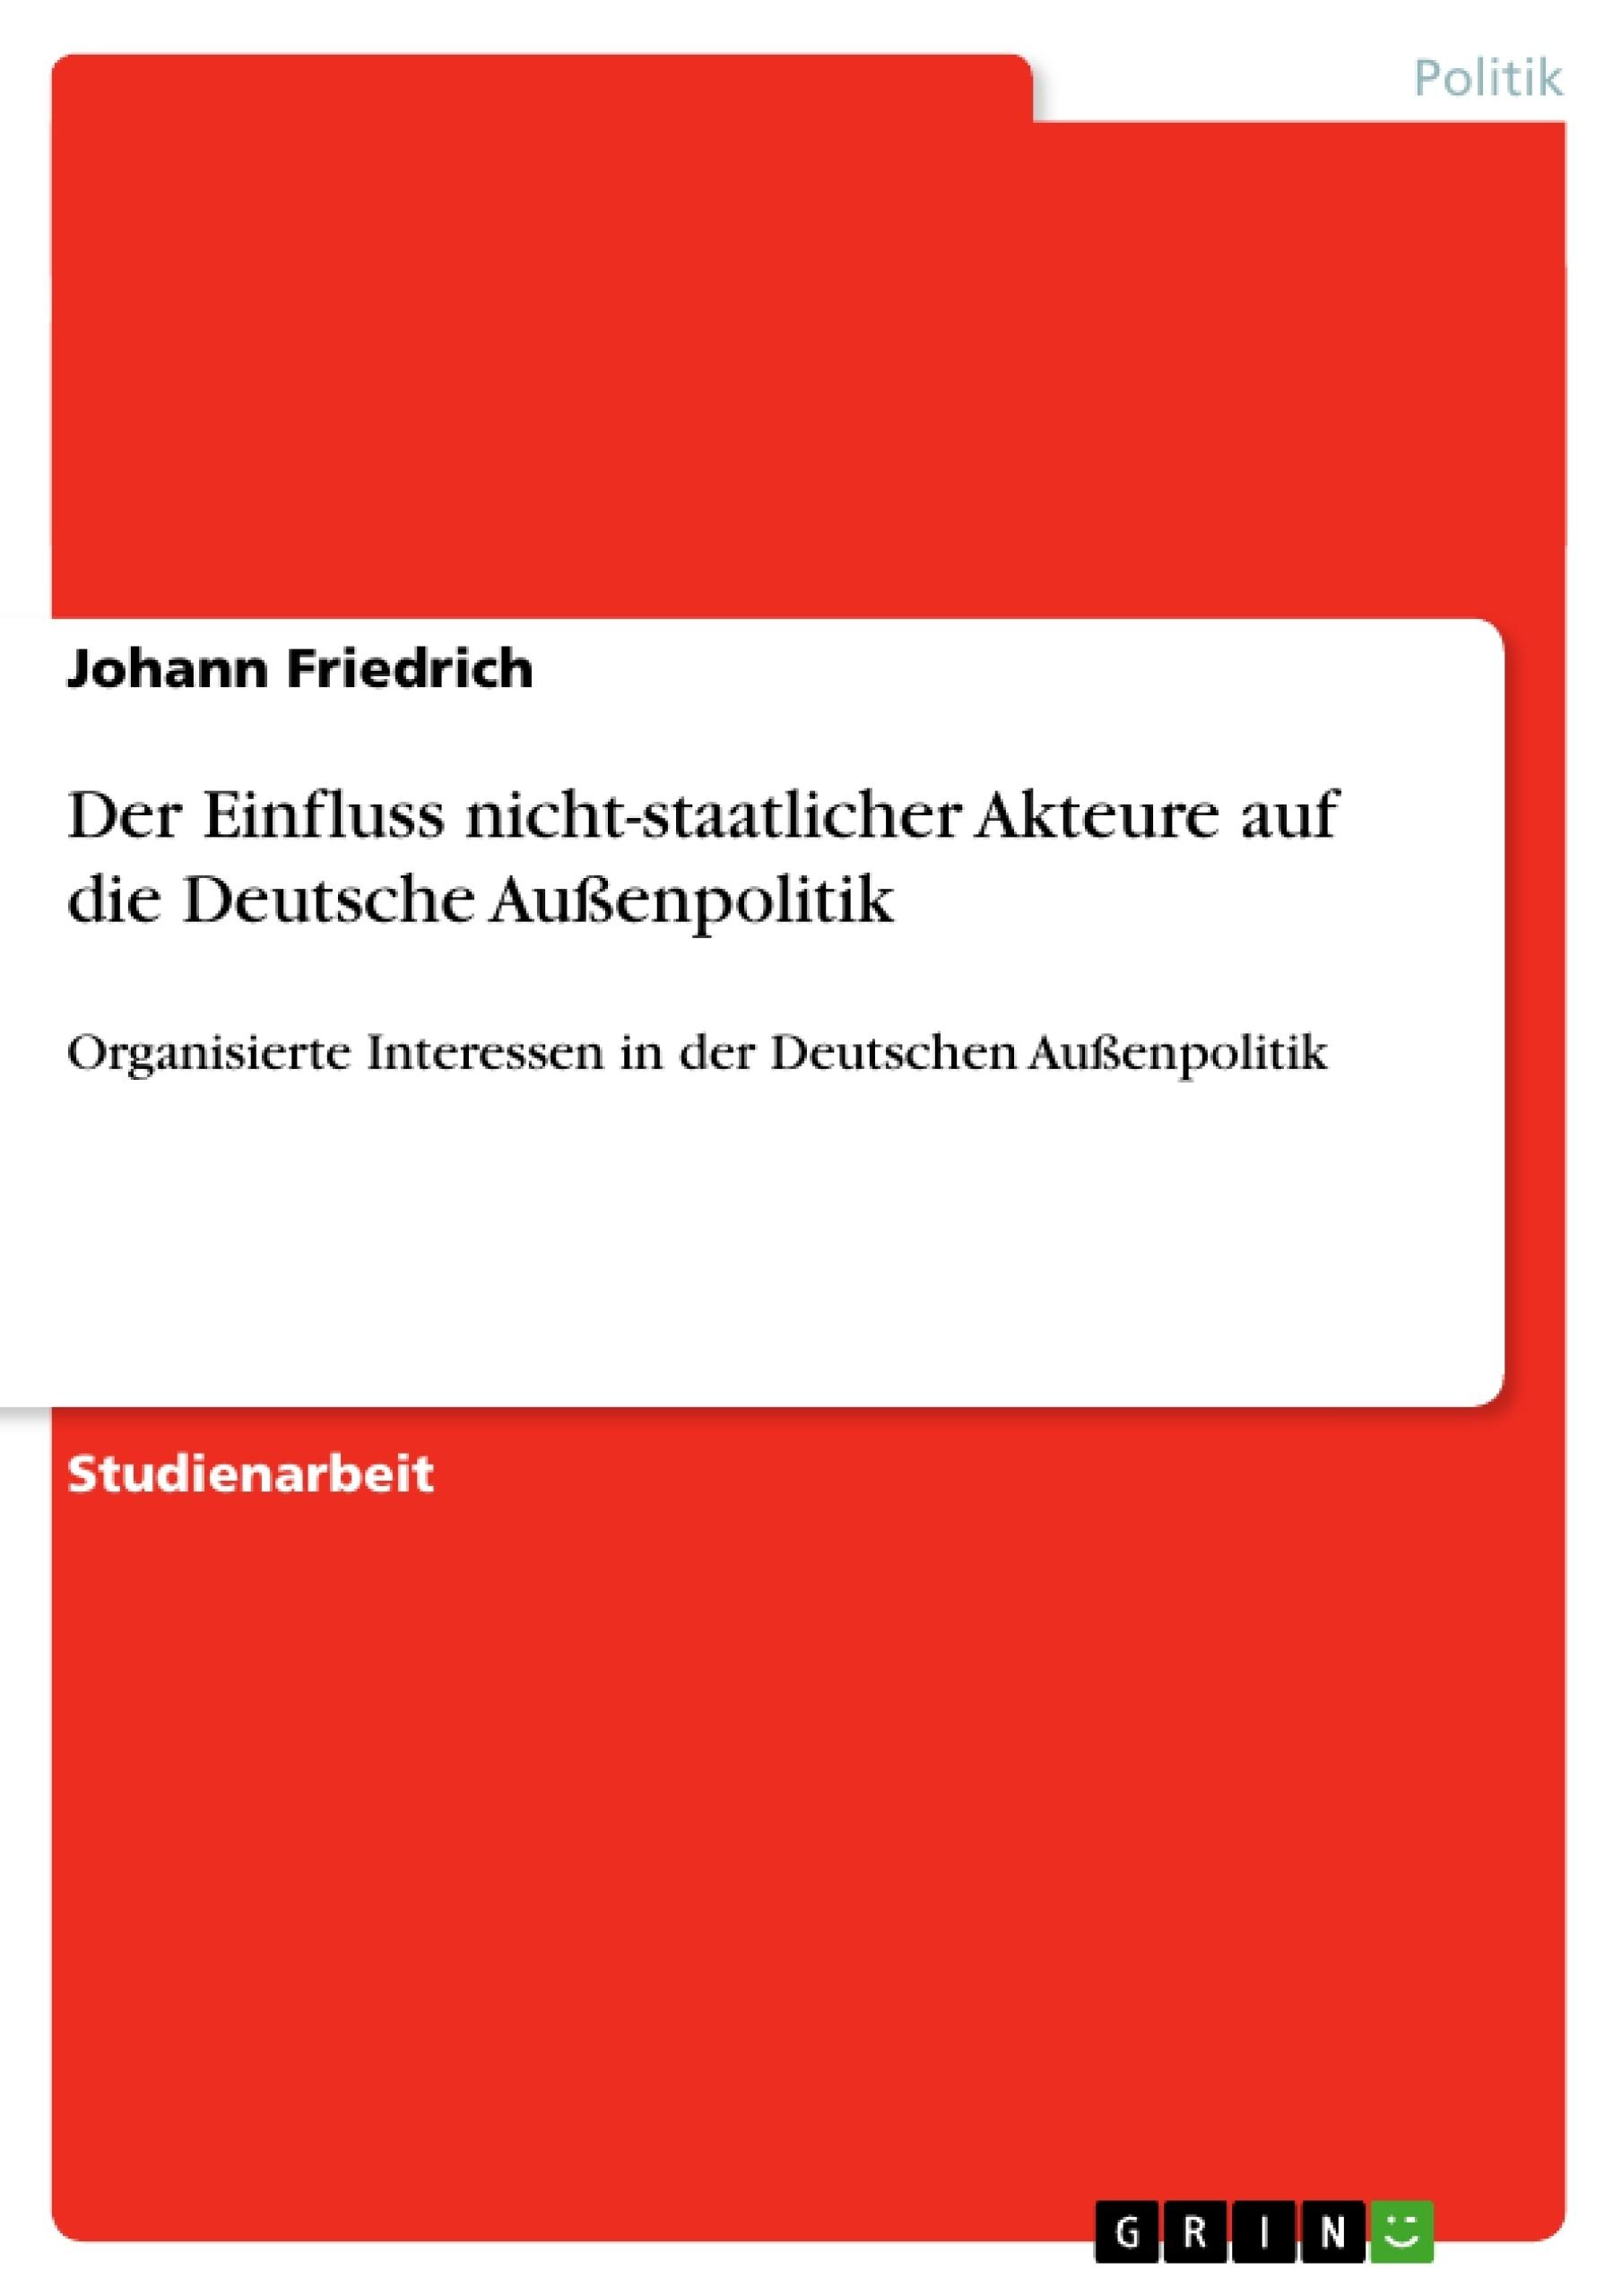 Titel: Der Einfluss nicht-staatlicher Akteure auf die Deutsche Außenpolitik